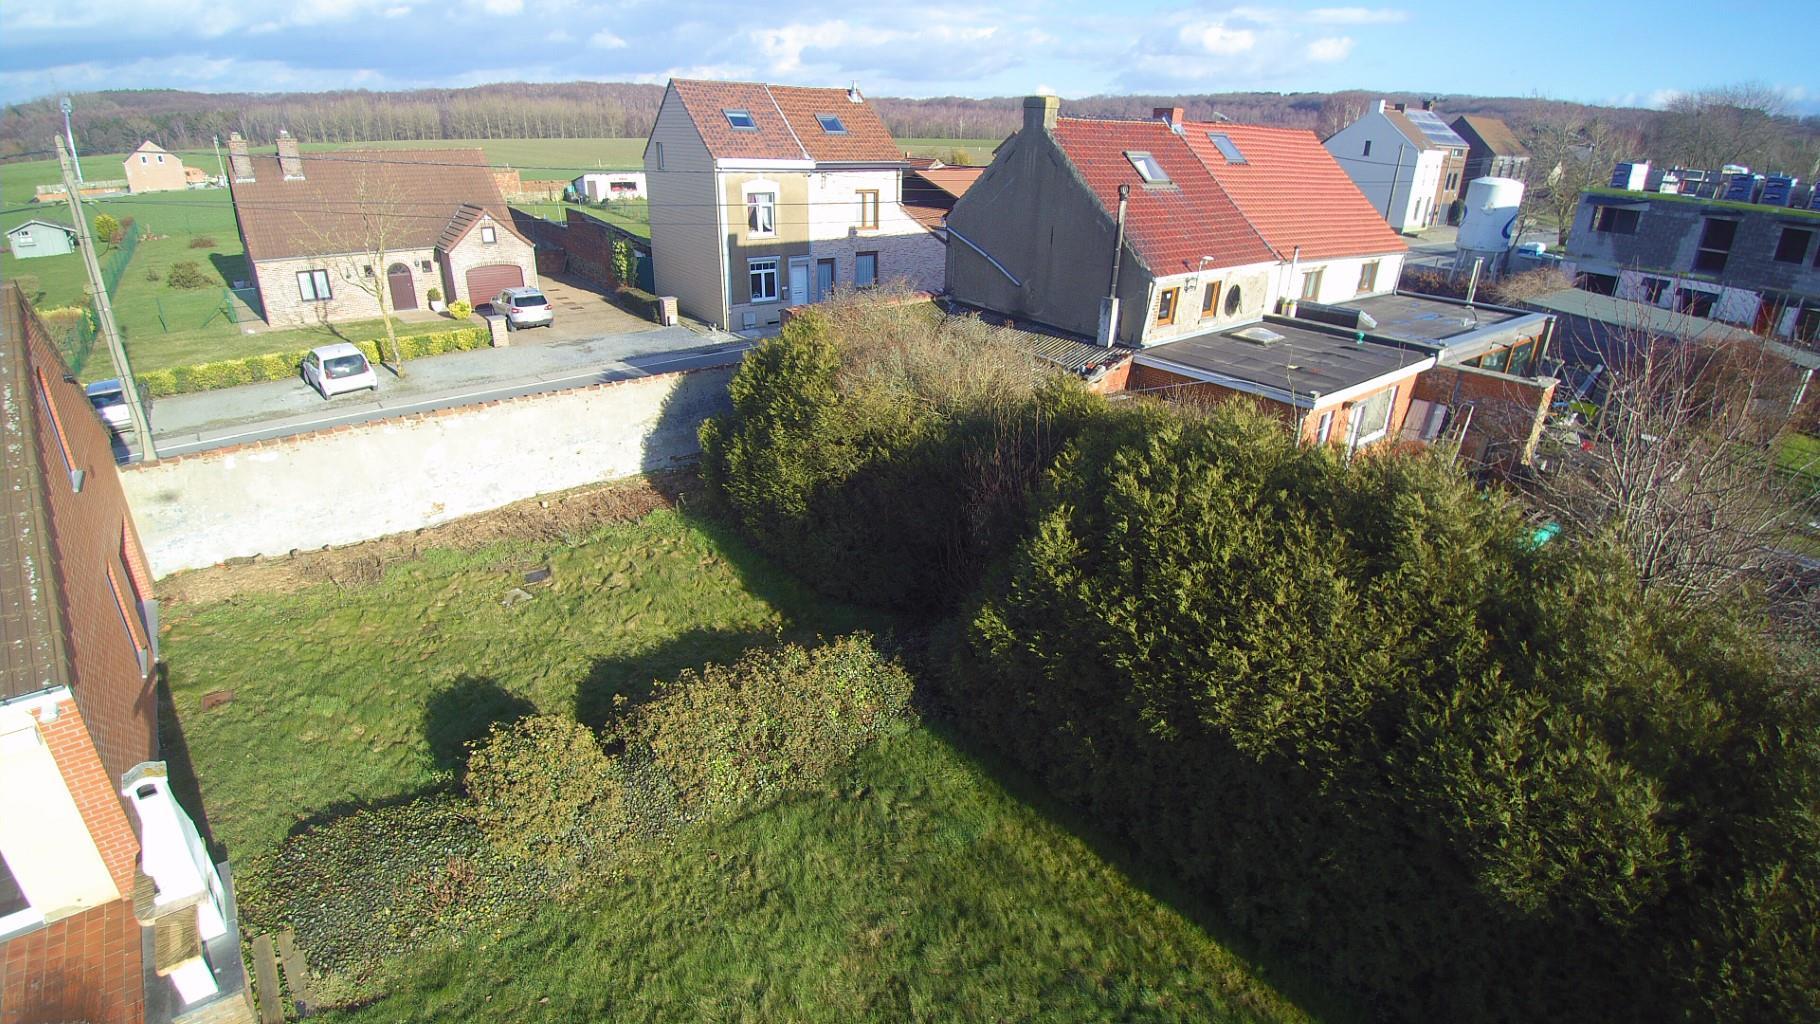 Maison - Grand Péril  - Braine-le-Comte Hennuyères - #3857103-5